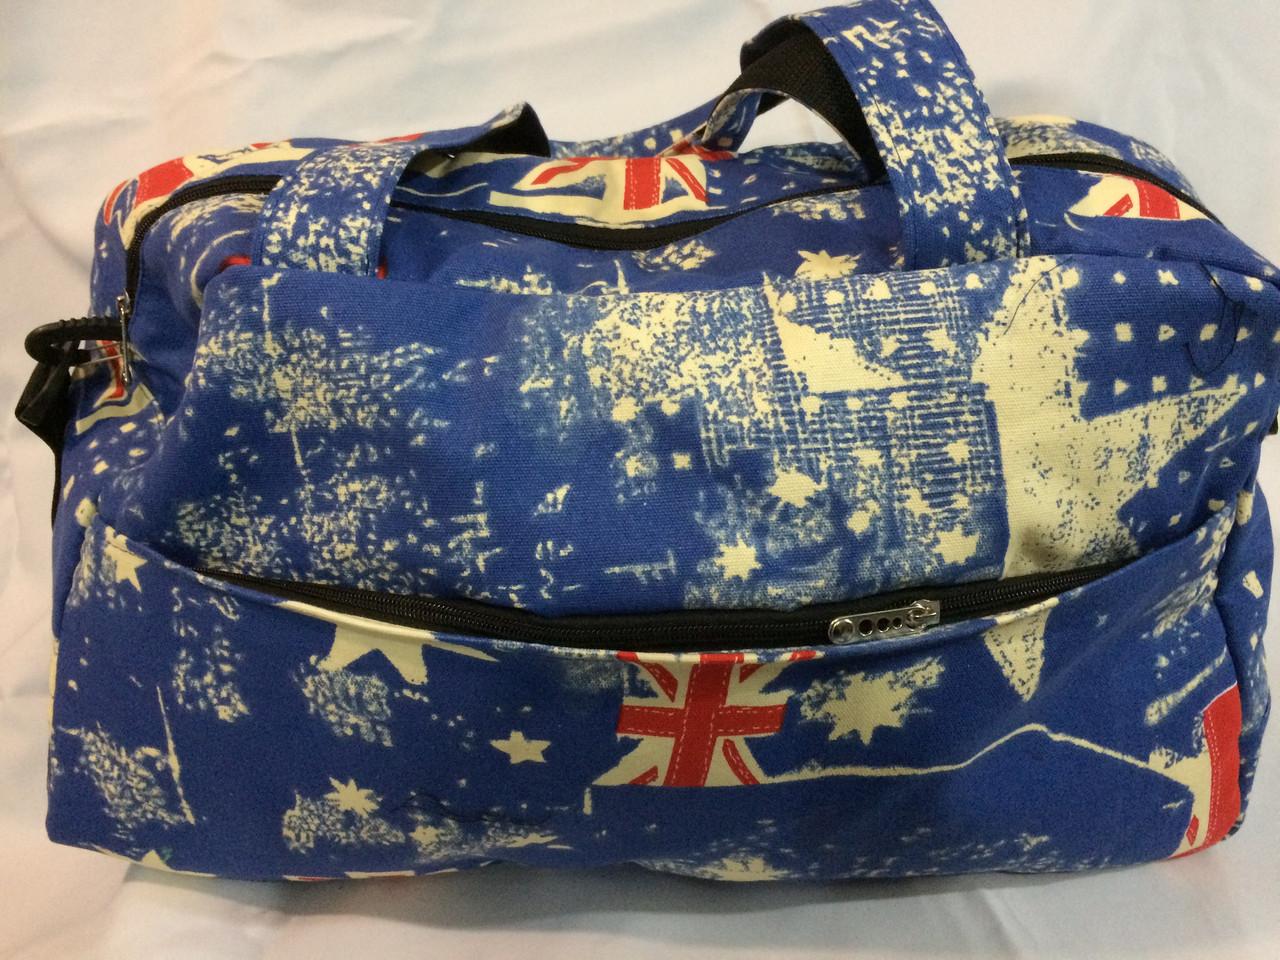 208d67fa5a83 Женская спортивная сумка c модным принтом: британский флаг - Svitparfum.com  - мир Вашего